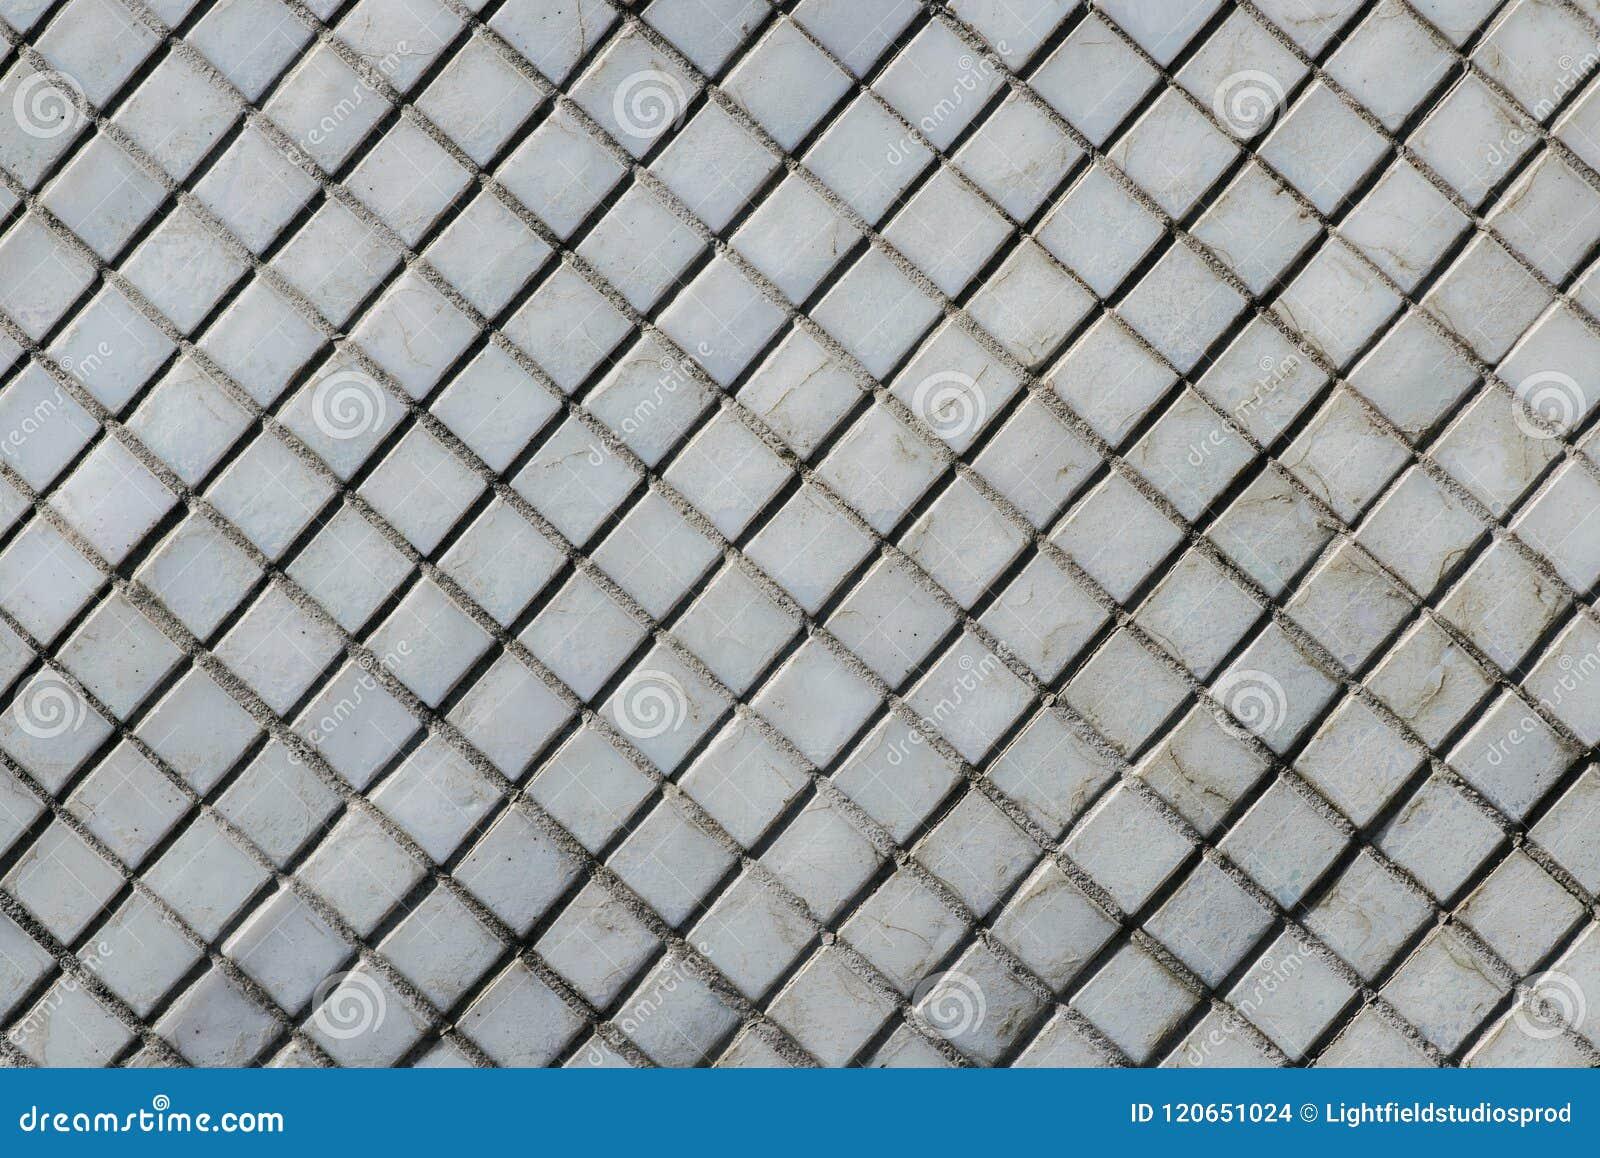 Full Frame Image Of Ceramic Tile Stock Photo Image Of Cover Tiles